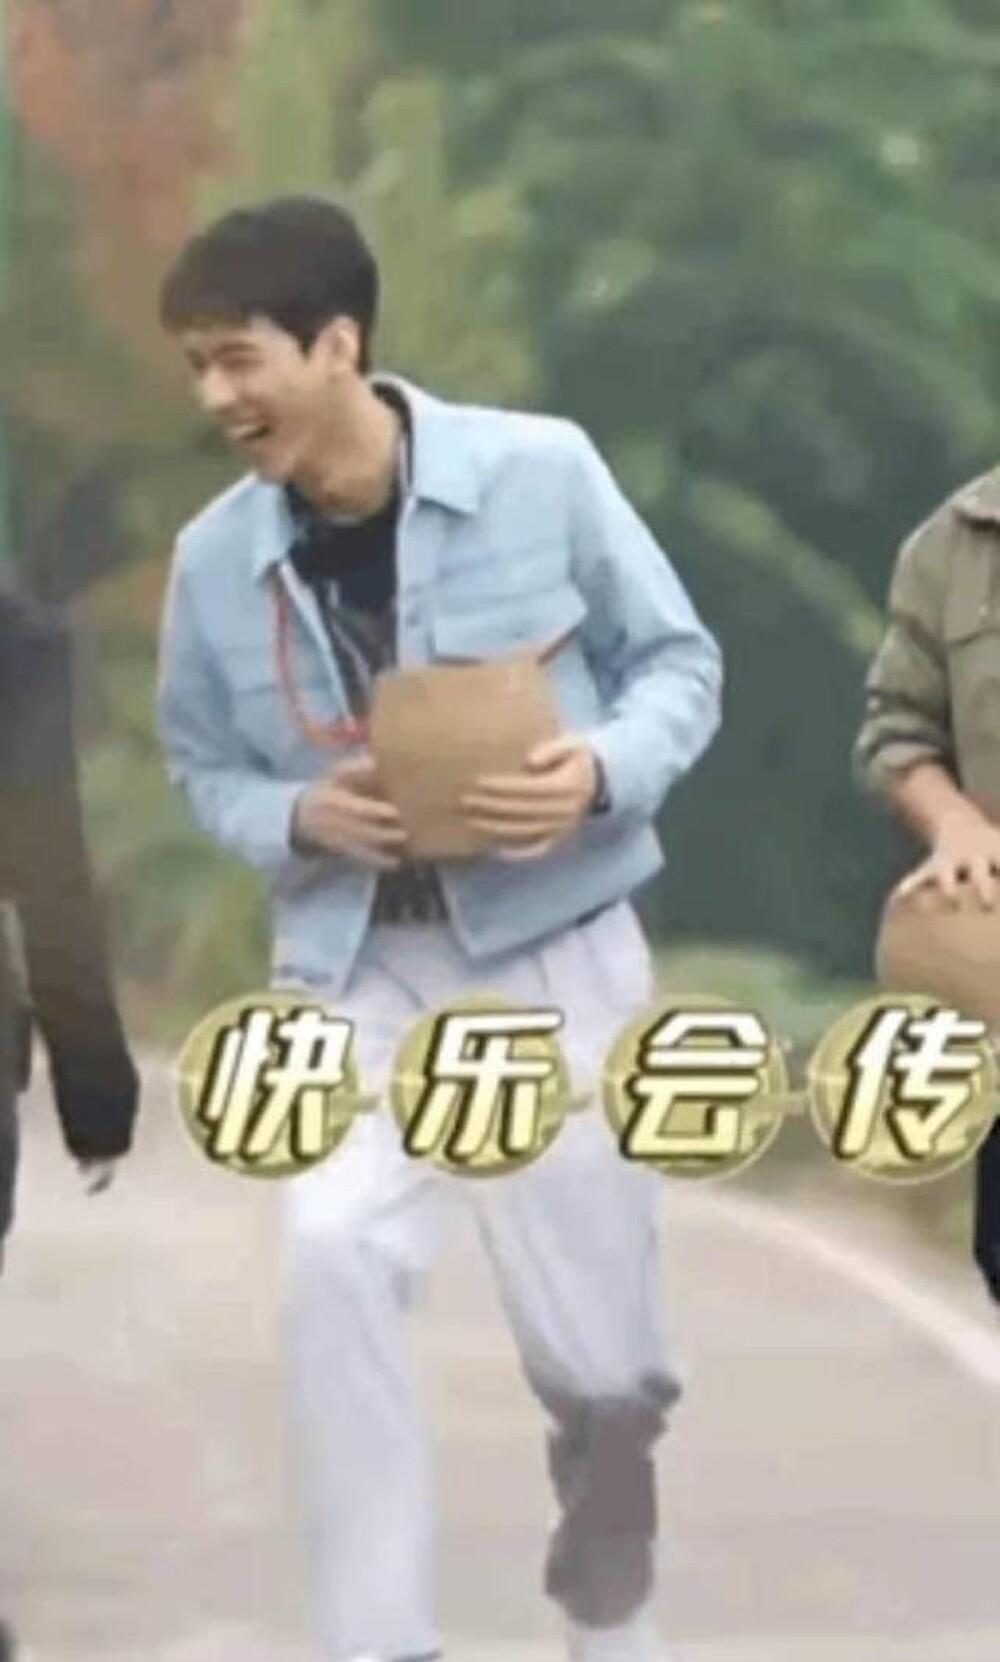 Đạo diễn nổi tiếng bất ngờ lên tiếng cảnh cáo Cung Tuấn: 'Đừng khiêu khích người tàn tật' Ảnh 4